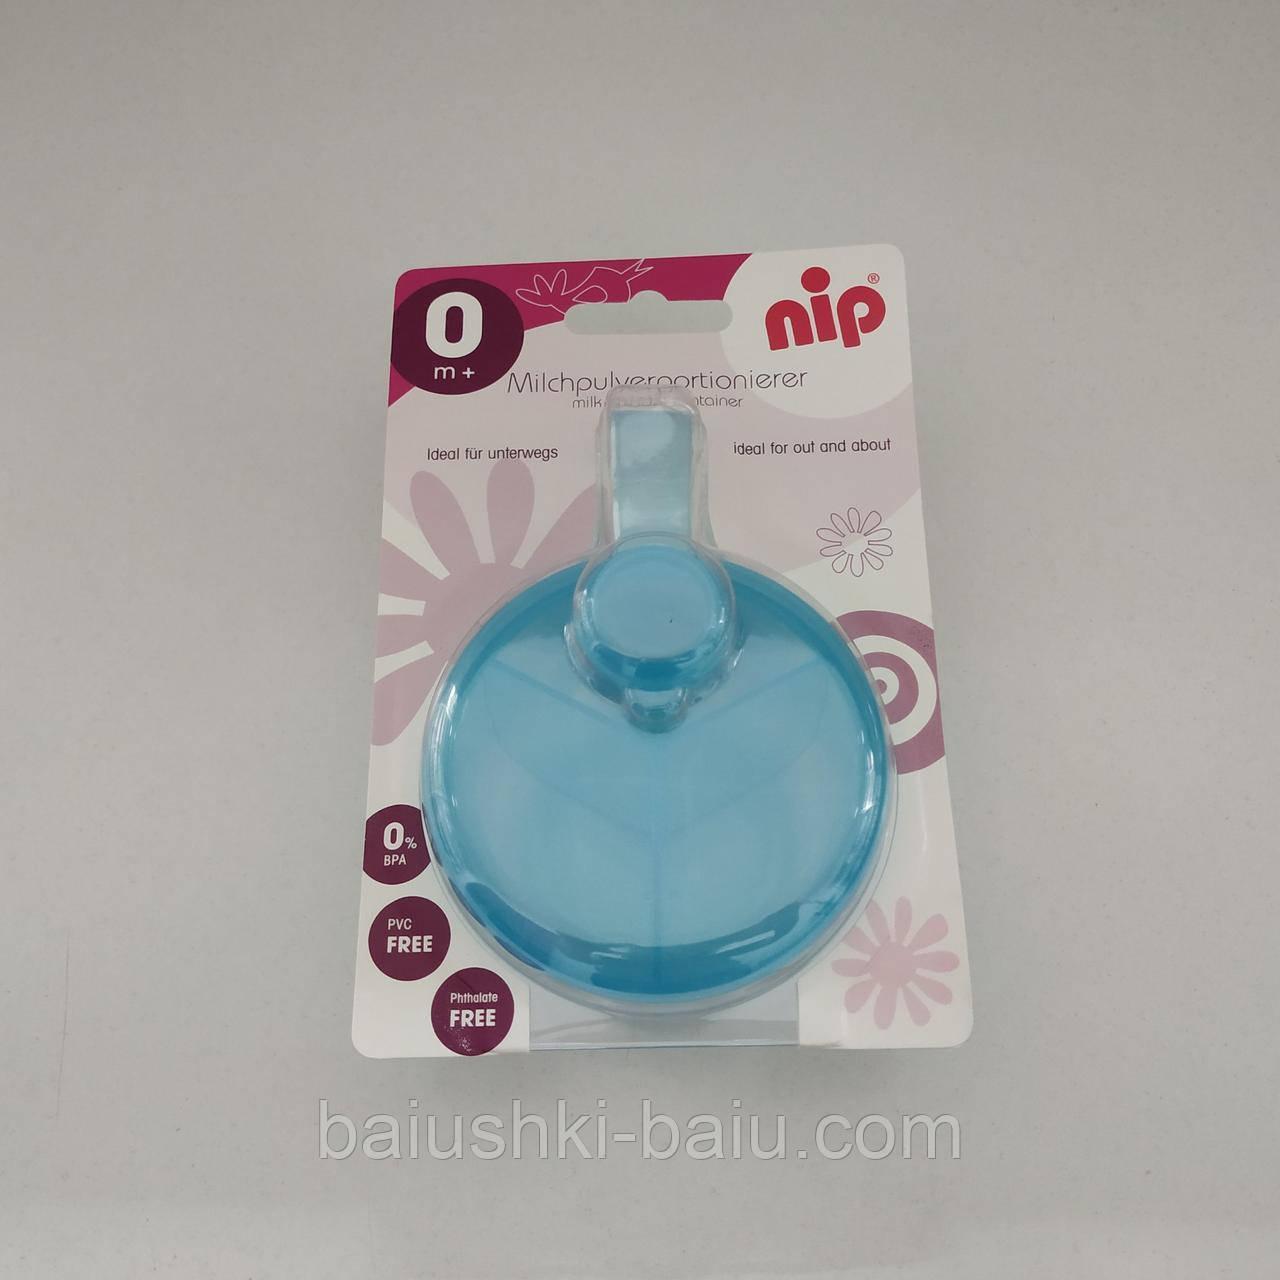 Контейнер для сохранения молочной смеси, 3 порции, Nip (Германия)